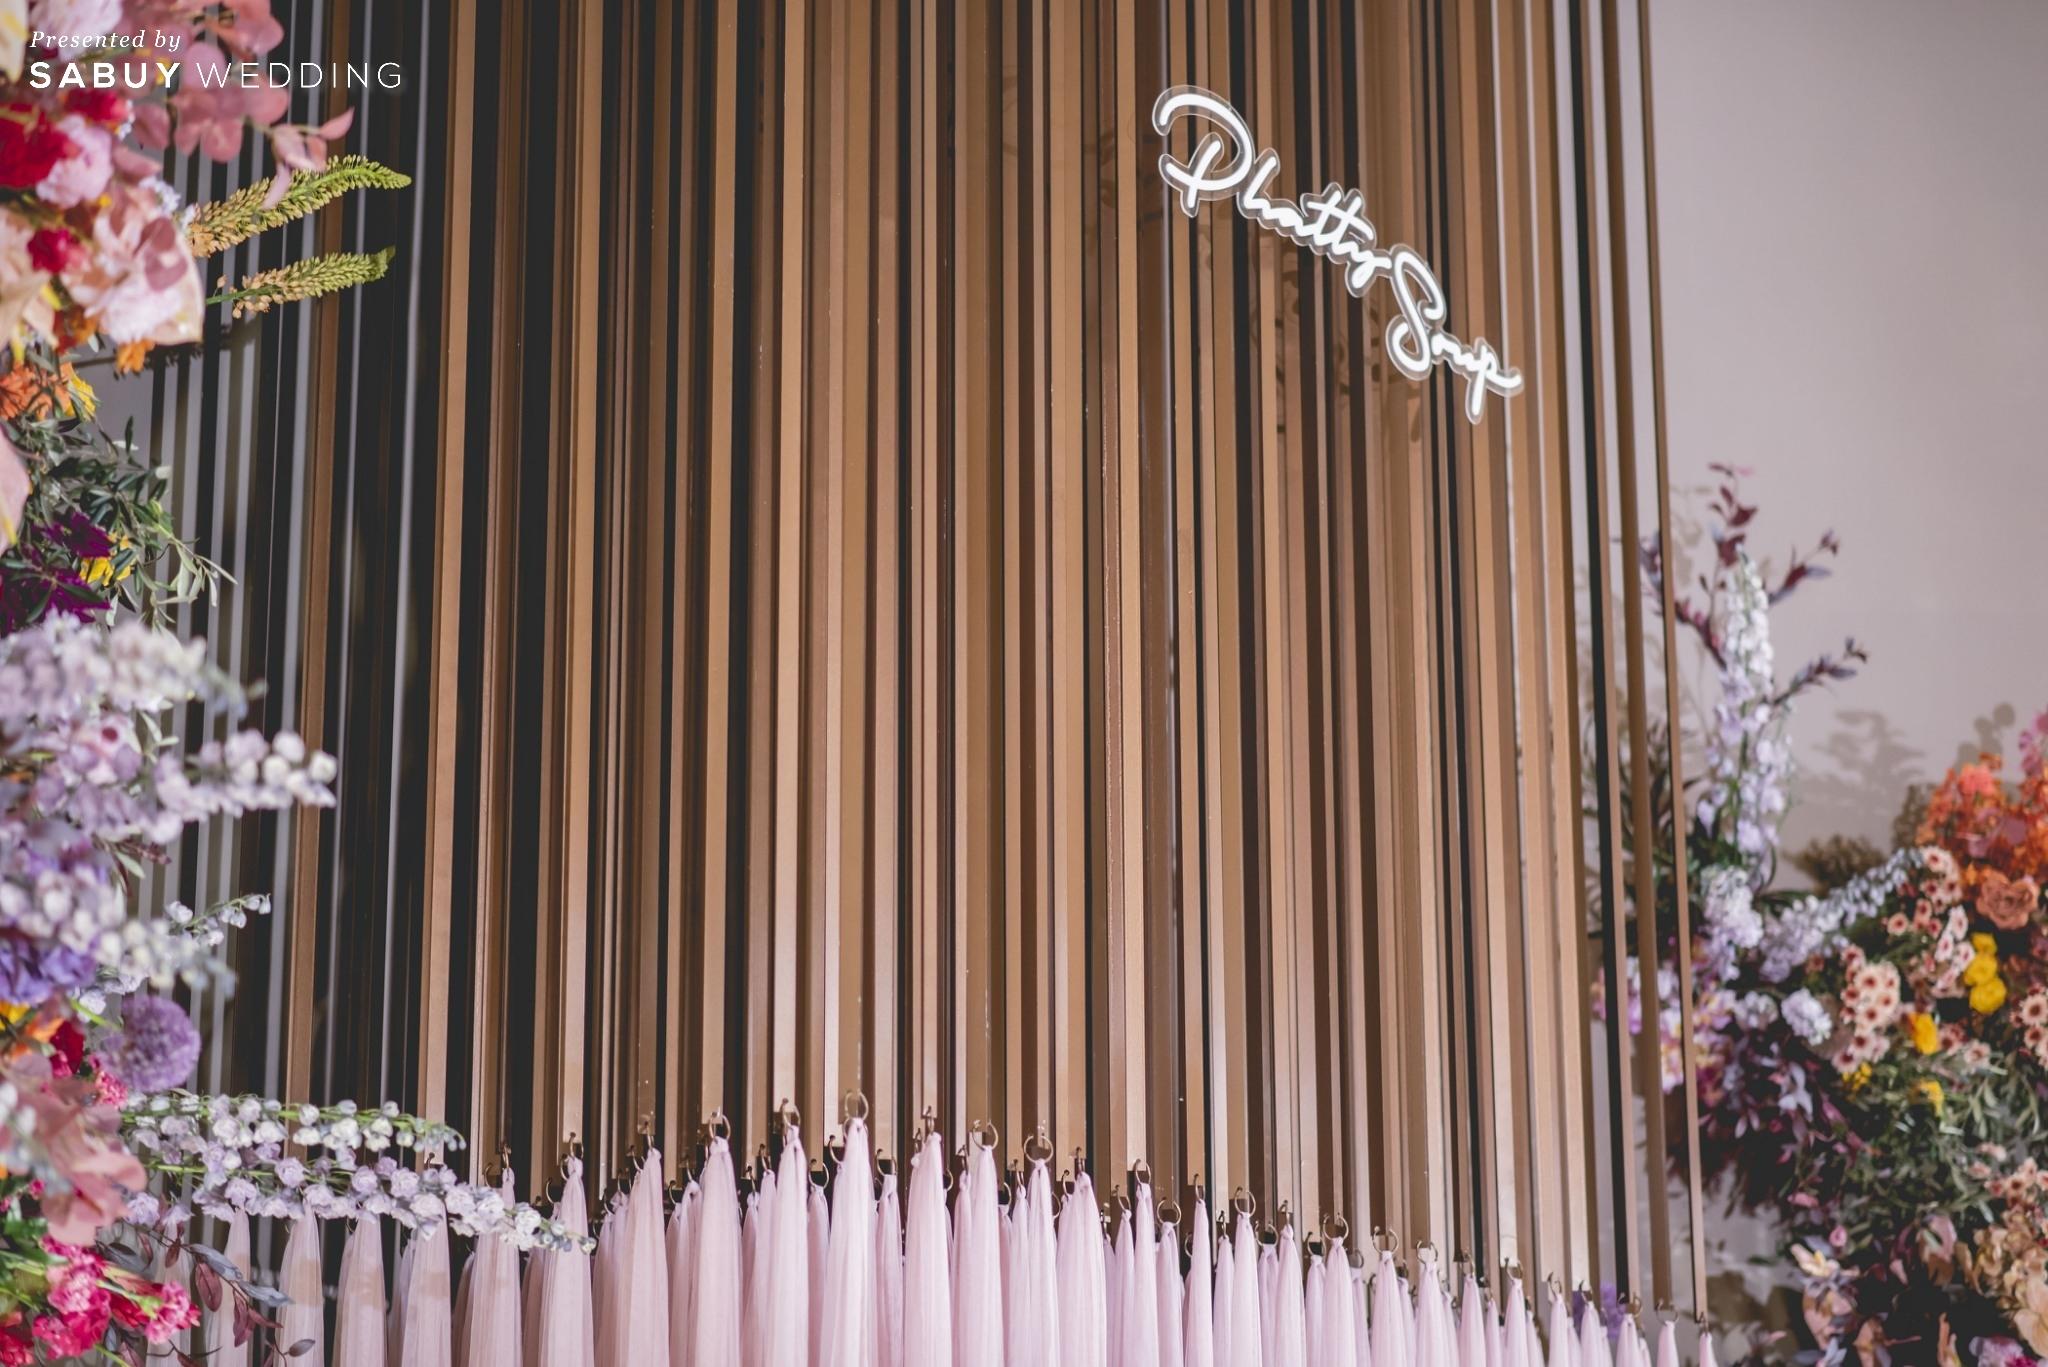 ตกแต่งงานแต่งงาน,ออแกไนเซอร์ รีวิวงานแต่งแซ่บจี๊ดใจ สวยสดใสด้วยโทนสี Colorful @ AVANI+ Riverside Bangkok Hotel